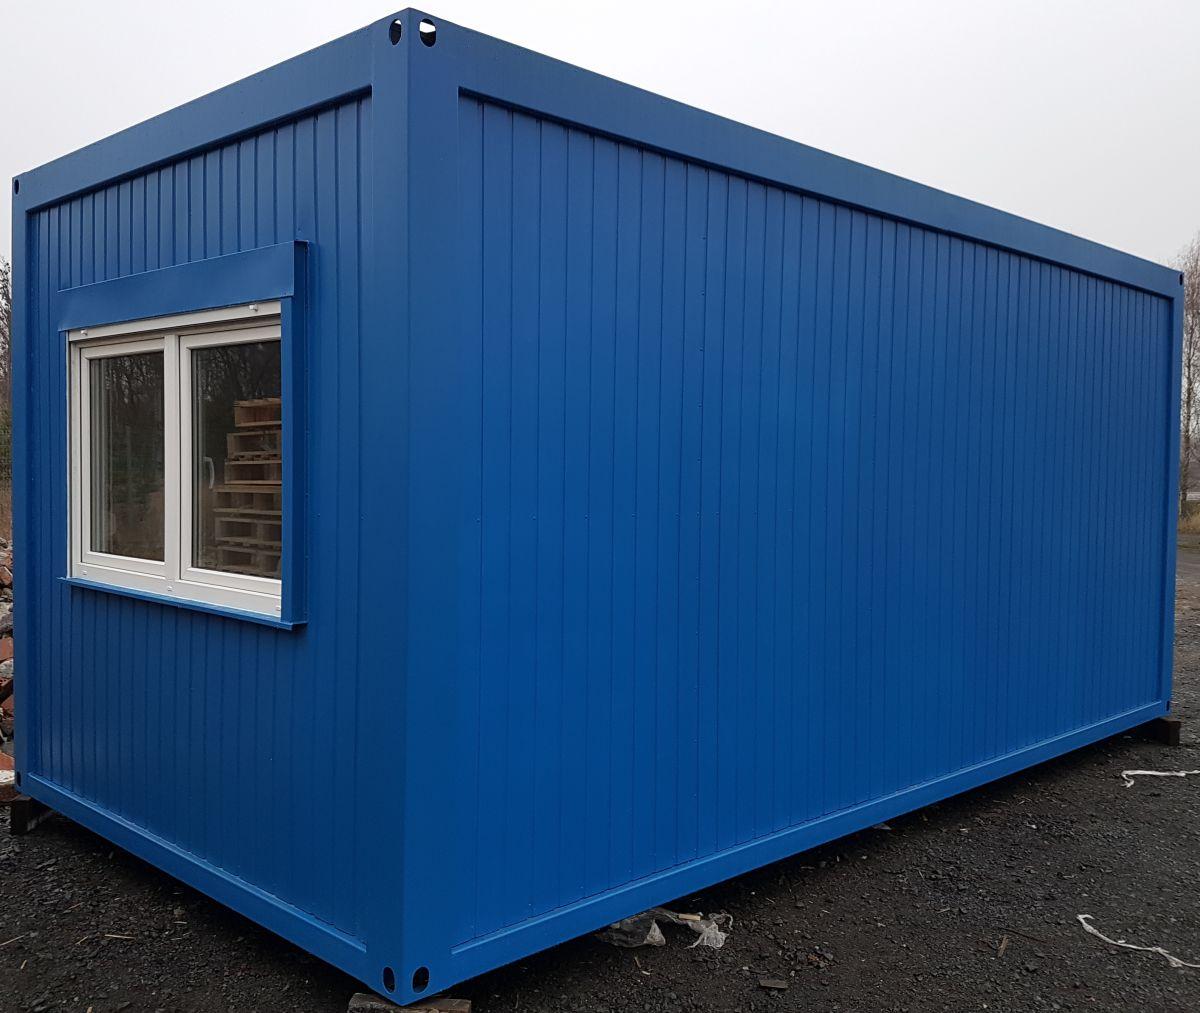 Wohncontainer mit großem Vorraum